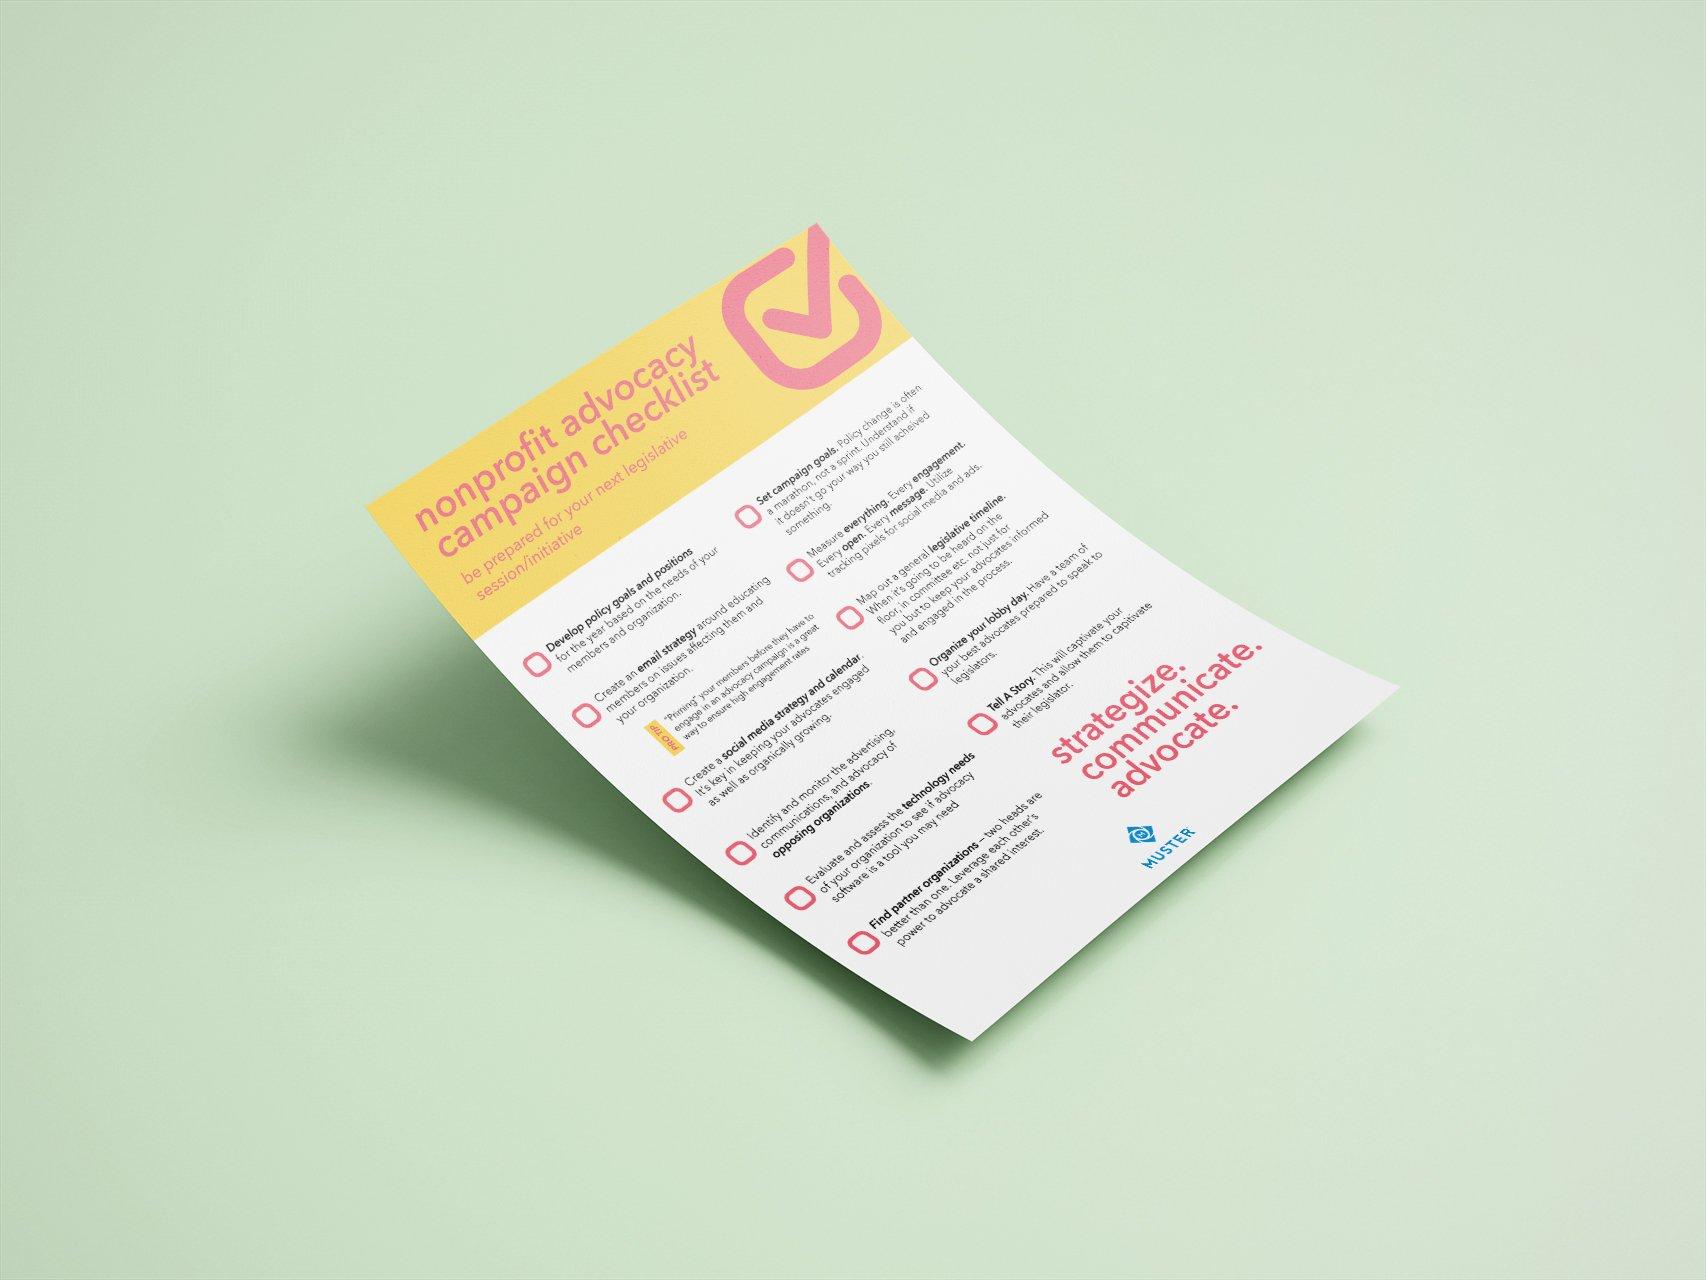 Nonprofit_Advocacy_Campaign_Checklist_mockup